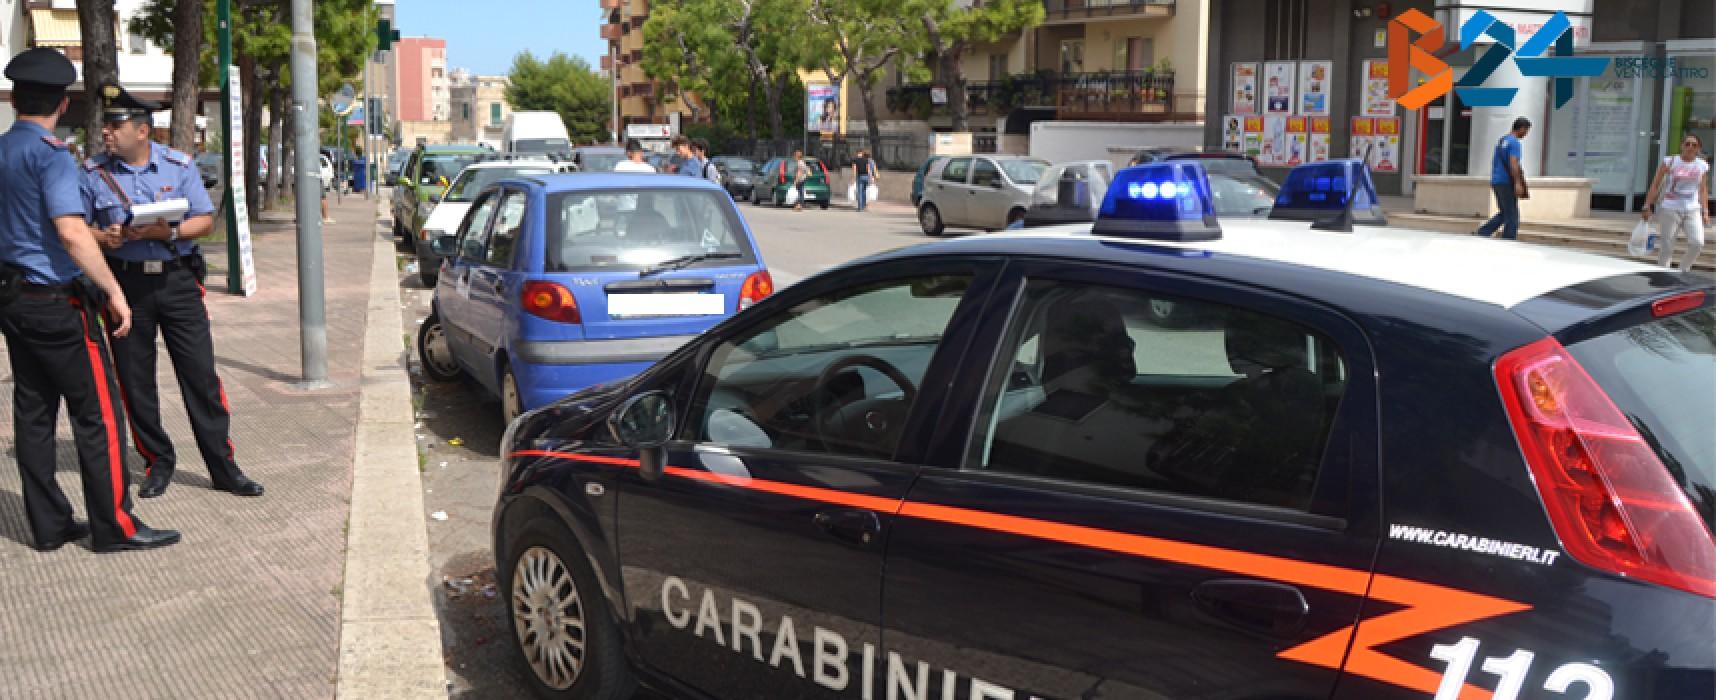 Patente mai conseguita, 19enne, noto ai Carabinieri: l'identikit del pirata della strada che investì mamma e figlio